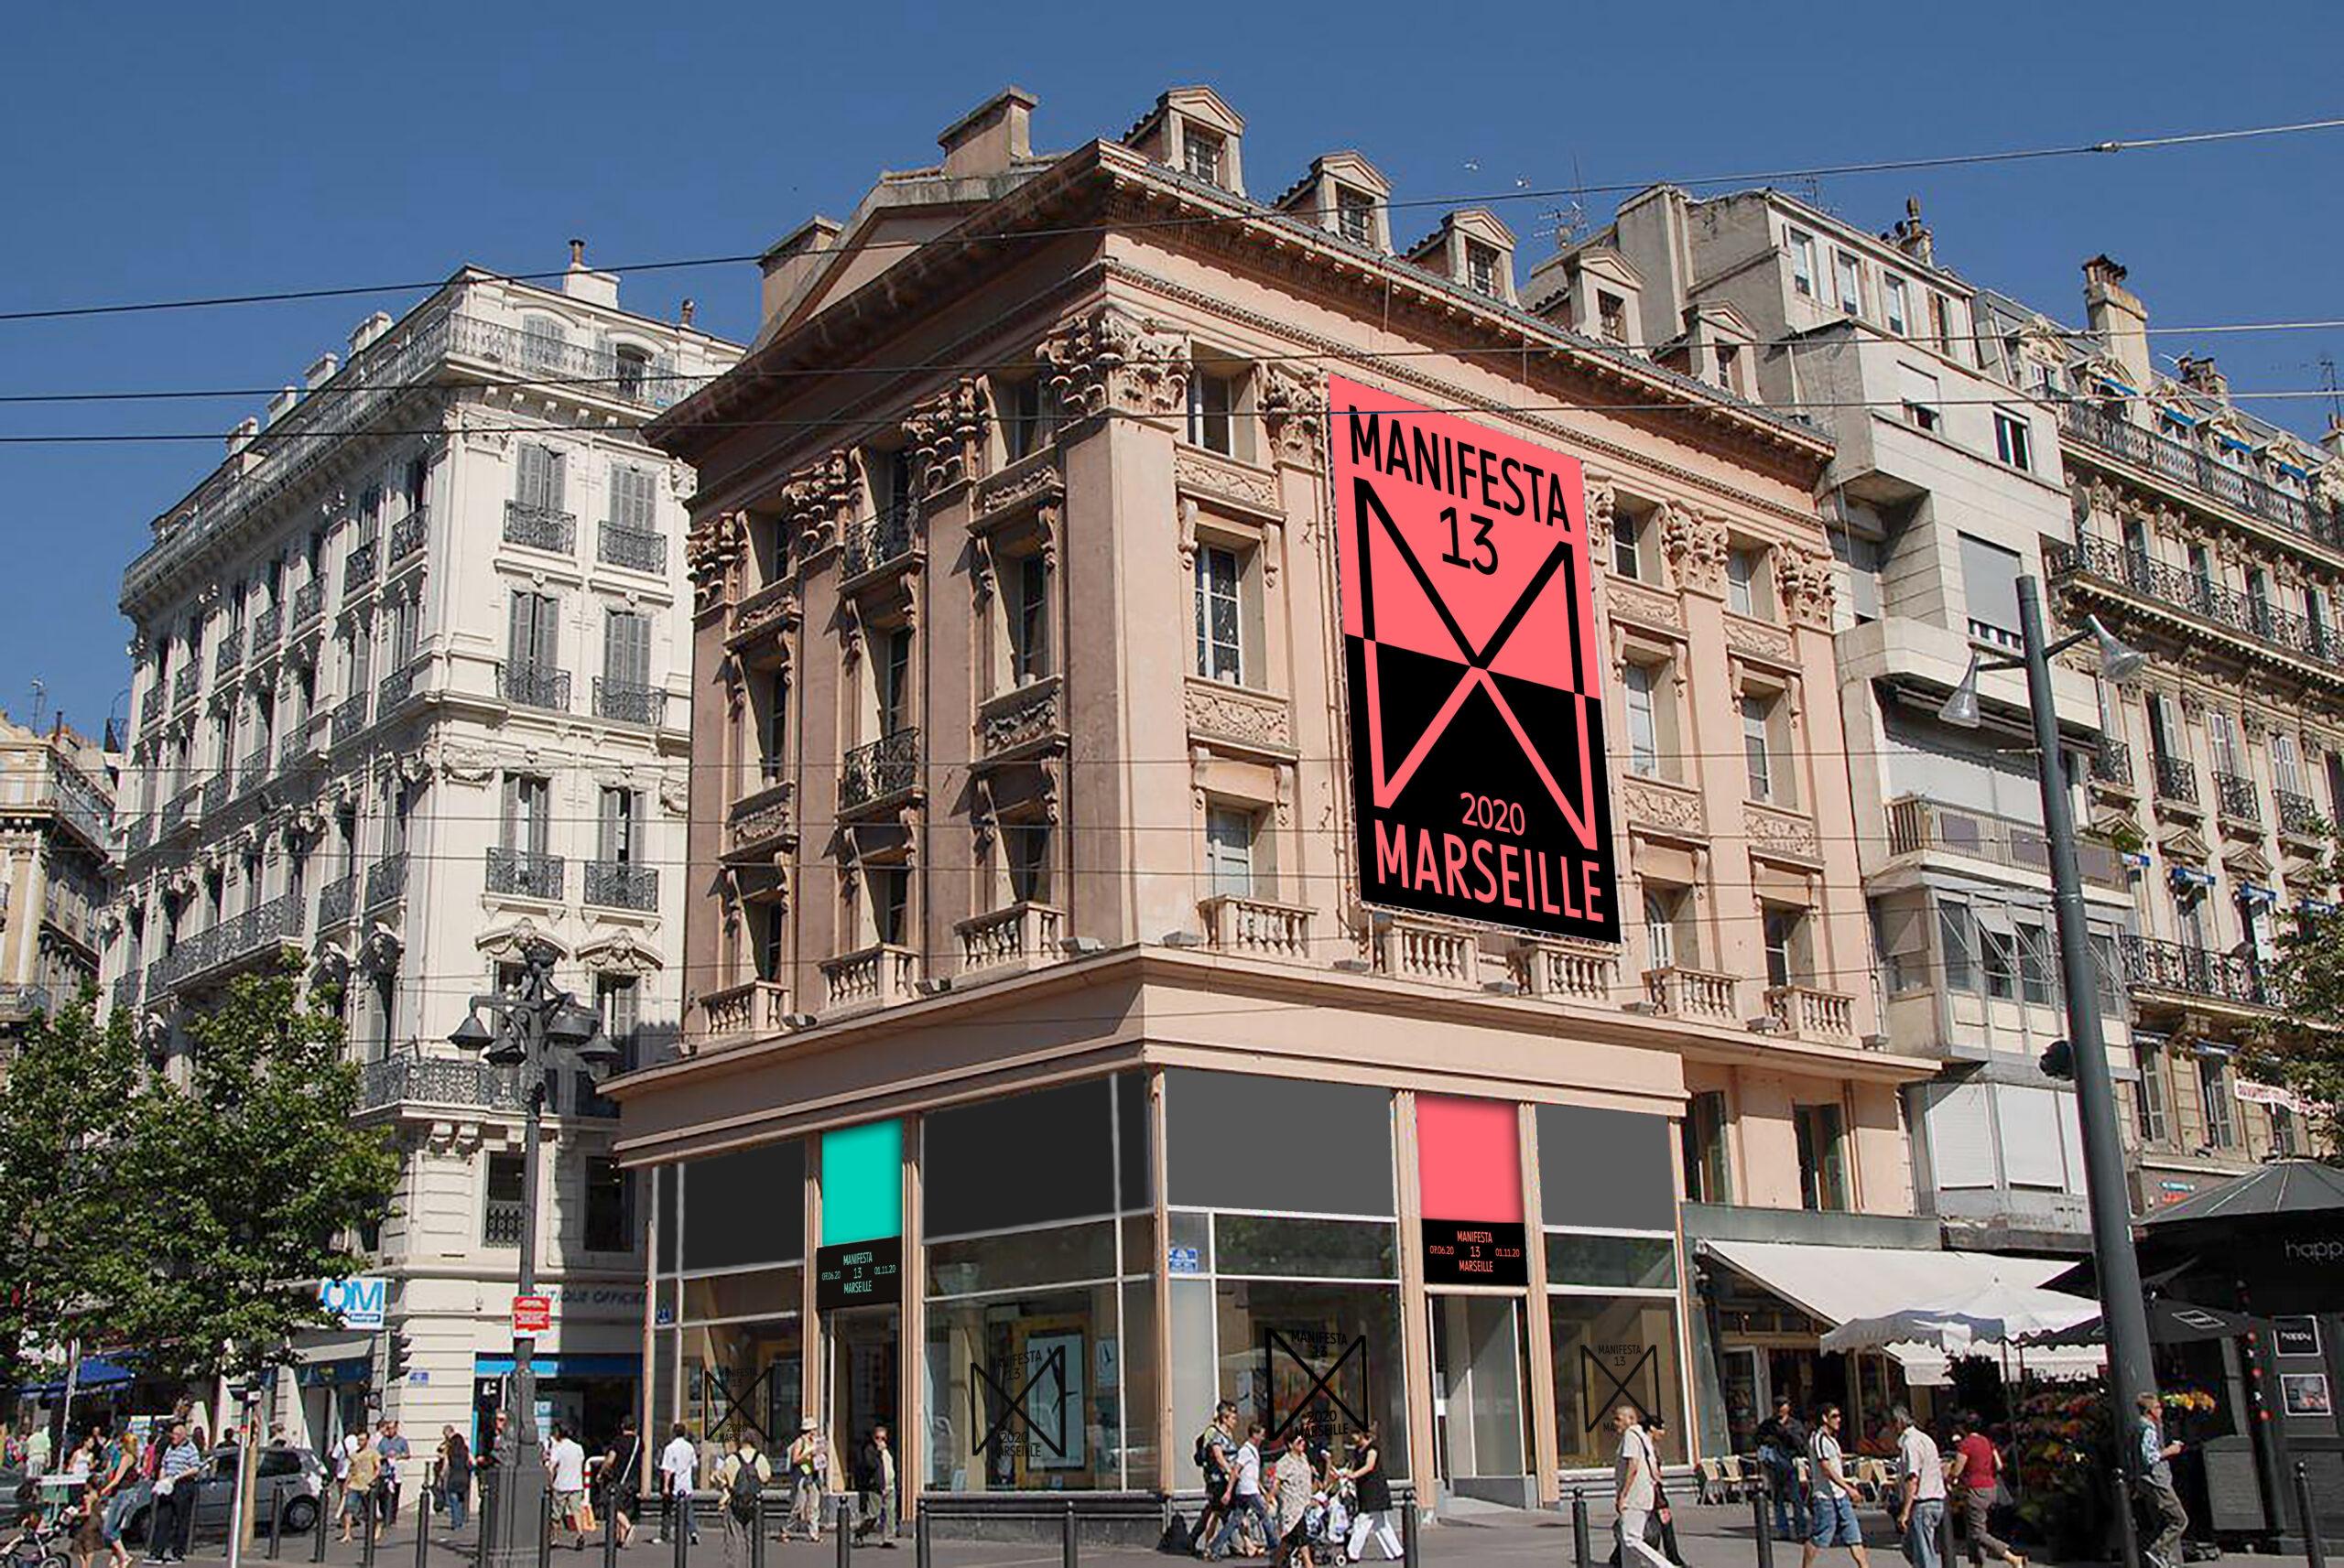 Marsiglia, inaugurata la Biennale: tutto quello che c'è da sapere su Manifesta 13